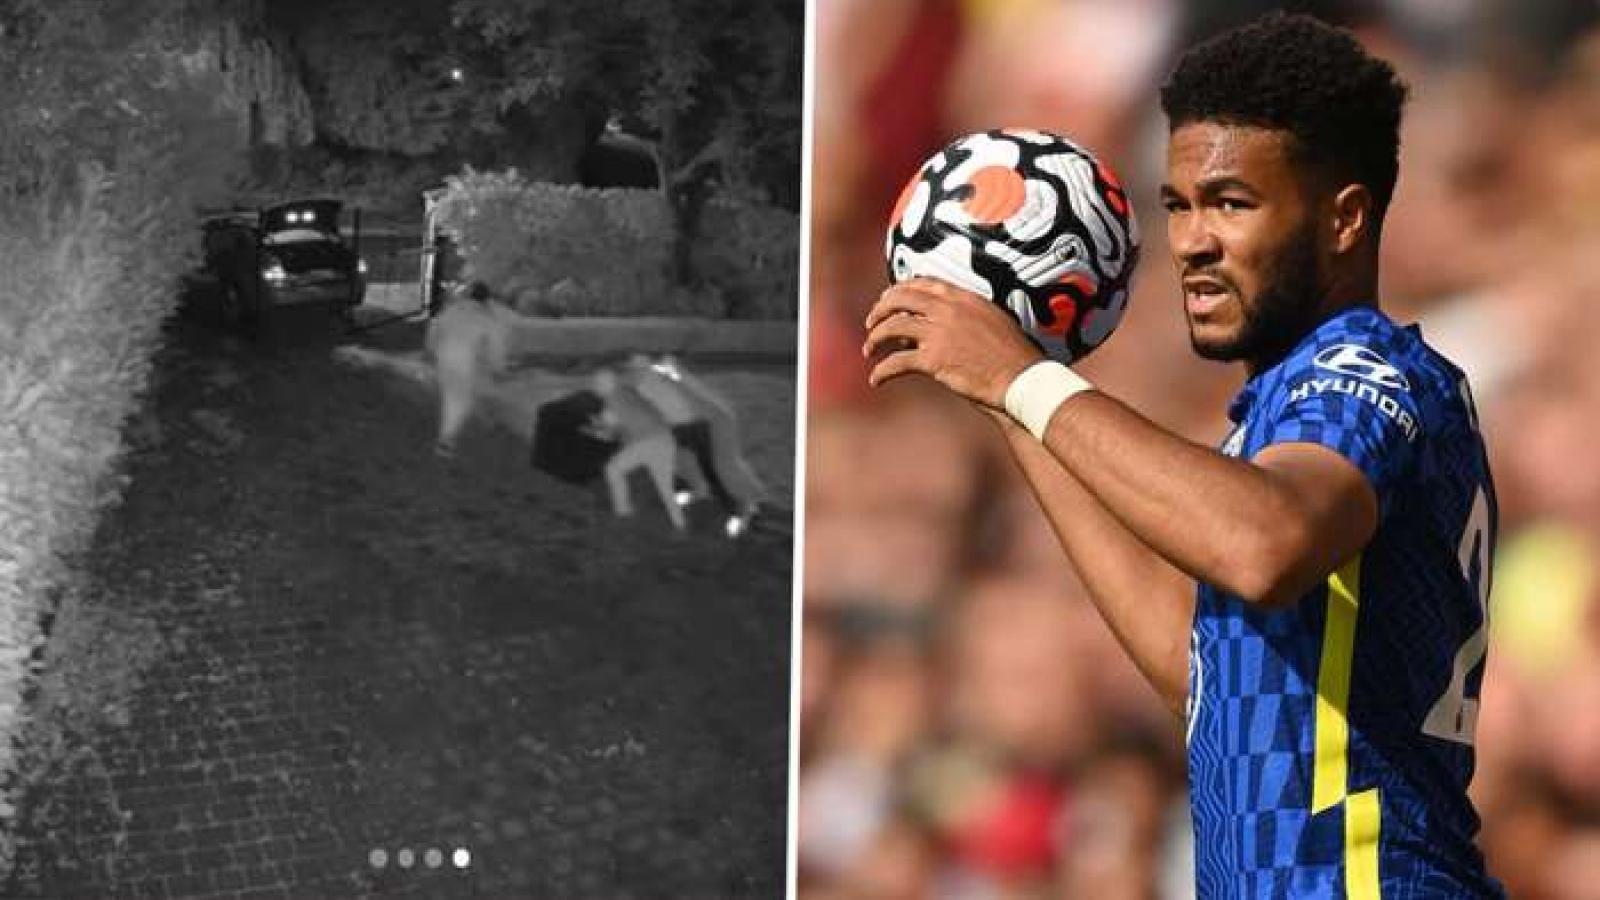 Hậu vệ Chelsea bị kẻ xấu đột nhập nhà, trộm mất huy chương danh giá